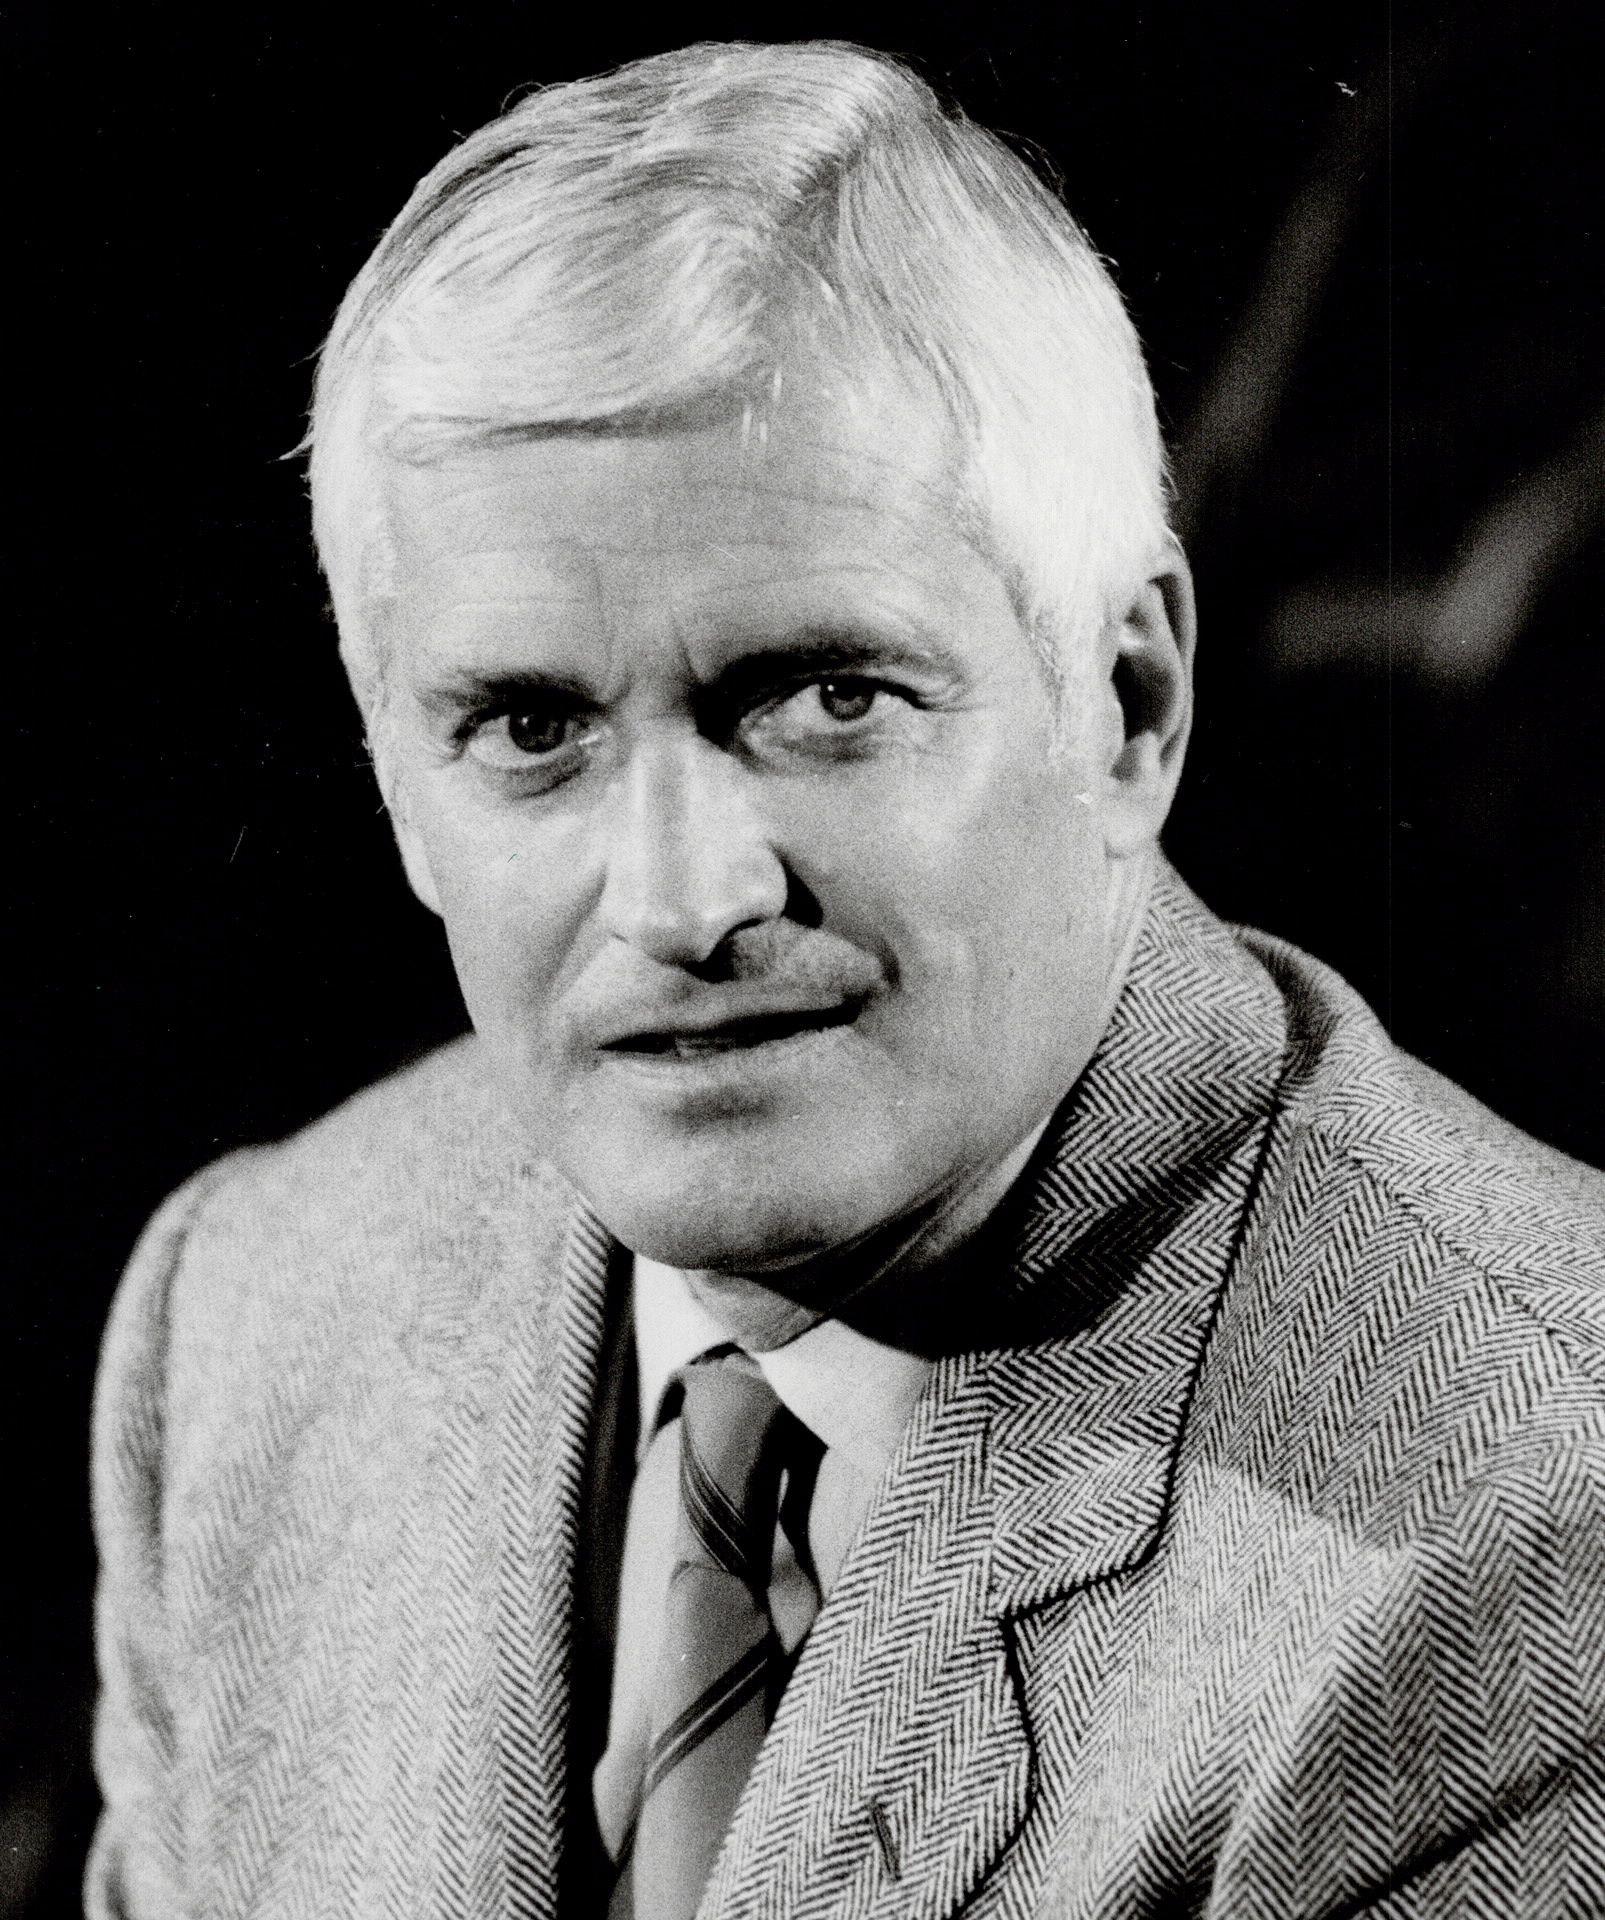 John Turner, Dead at 91